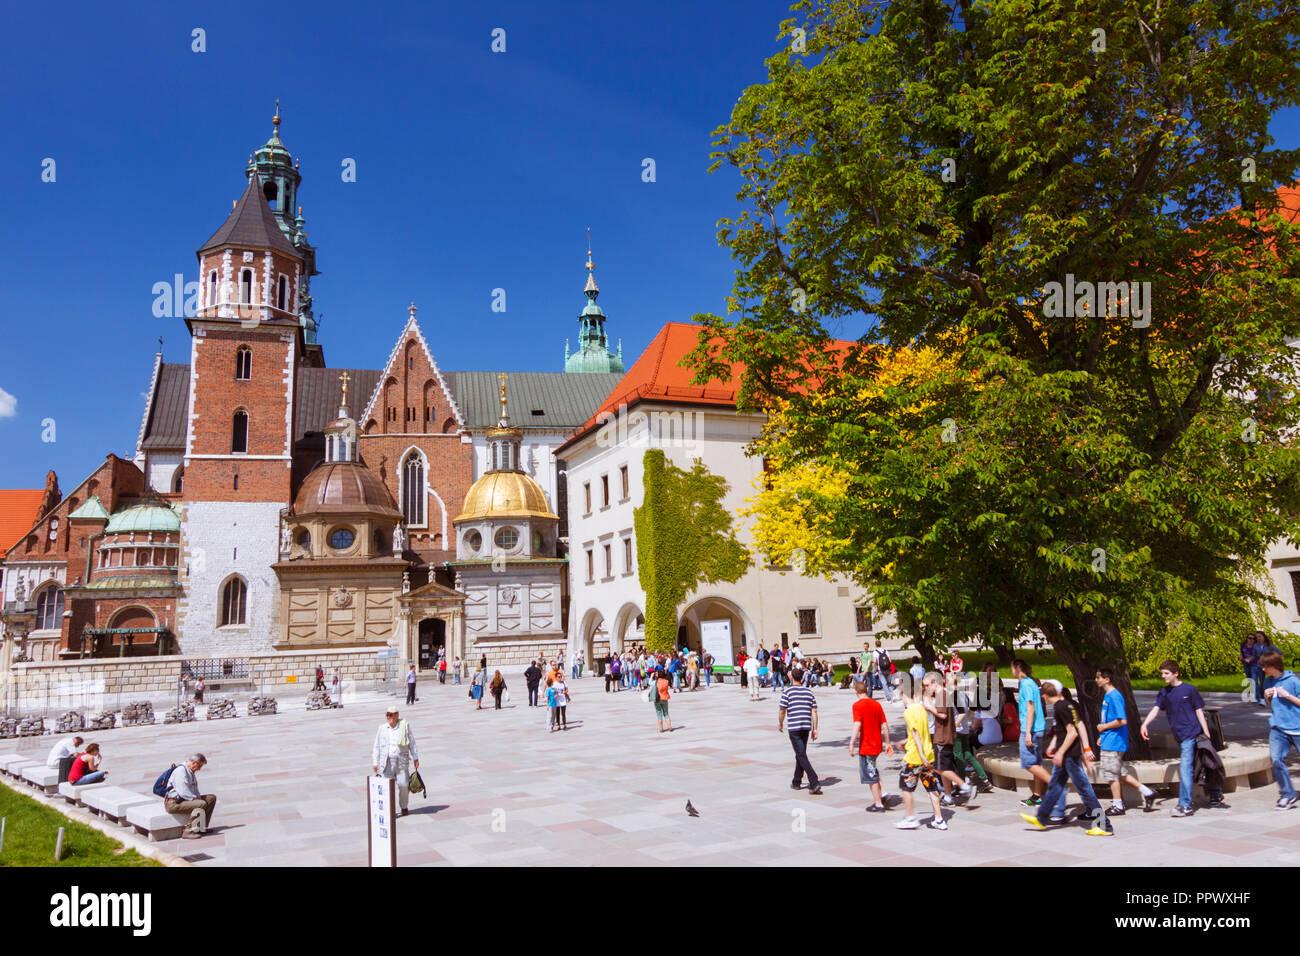 Cracovie, Pologne: les touristes à pied autour de la cathédrale du Wawel sur la colline de Wawel. D'abord construit et détruit au 11e siècle; la construction de l'curren Photo Stock